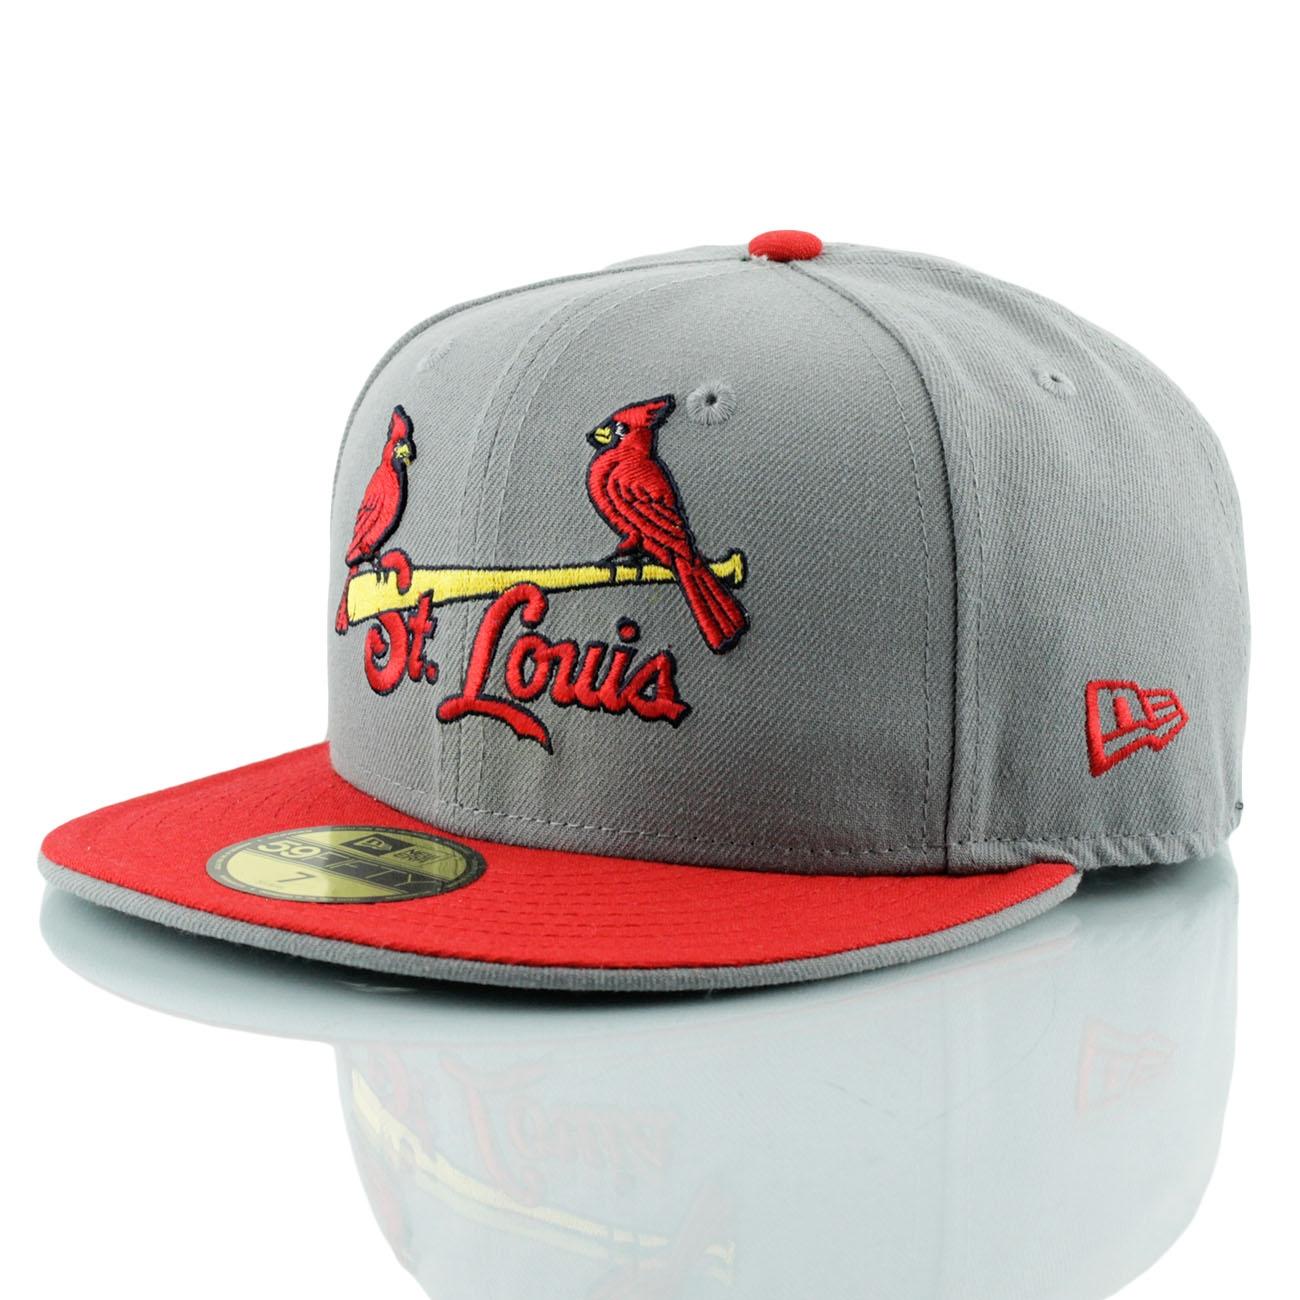 best loved 87d07 e33be New Era St. Louis Cardinals Jersey Logo 59FIFTY Fitted MLB Cap   TAASS.com  Fanshop